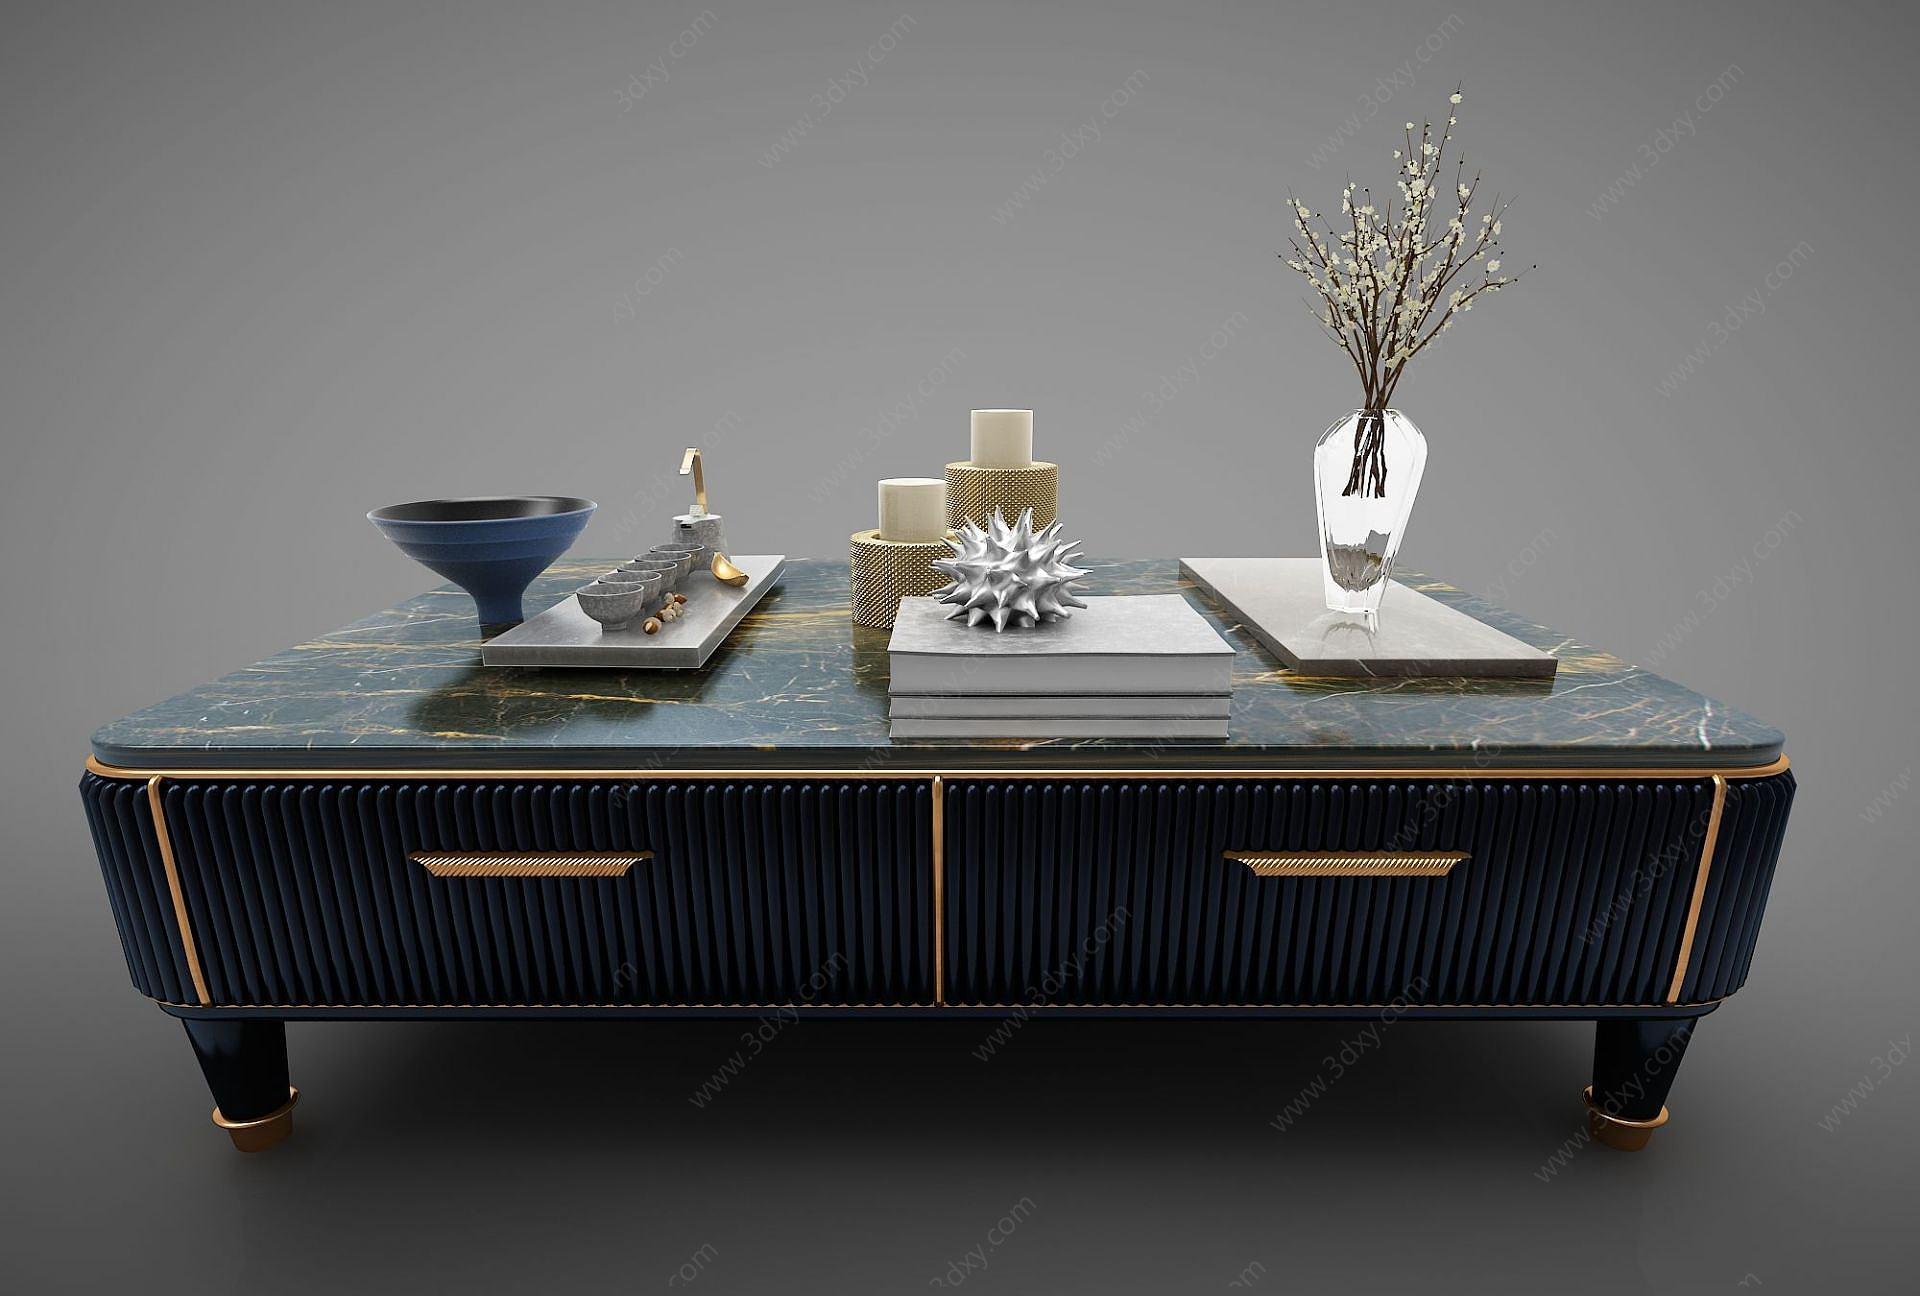 現代風格裝飾柜